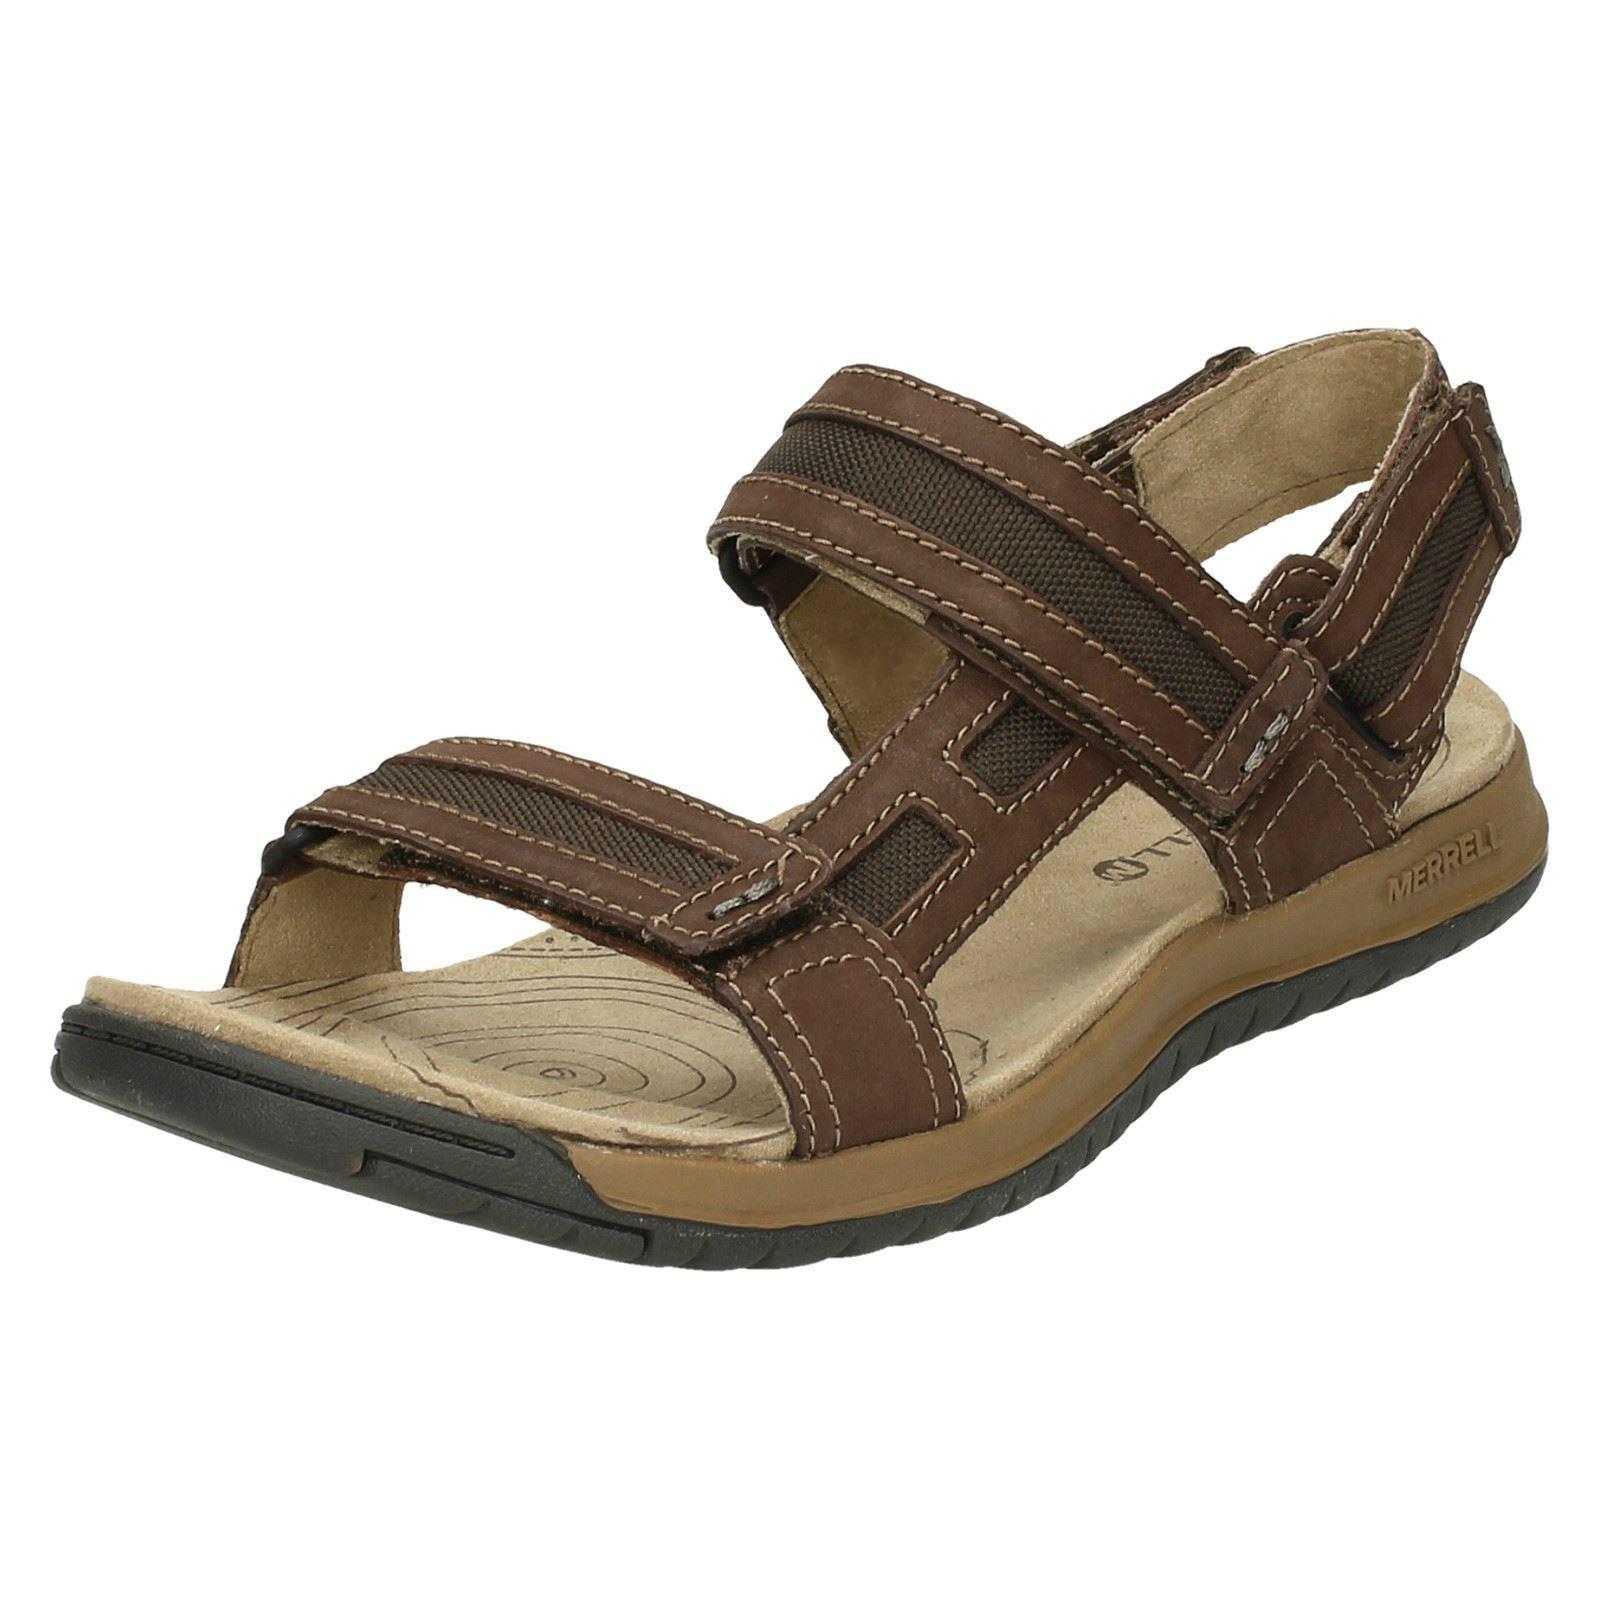 Sandali e scarpe per il mare da uomo Da Uomo Merrell Sandali-Traveler Tilt Convertible